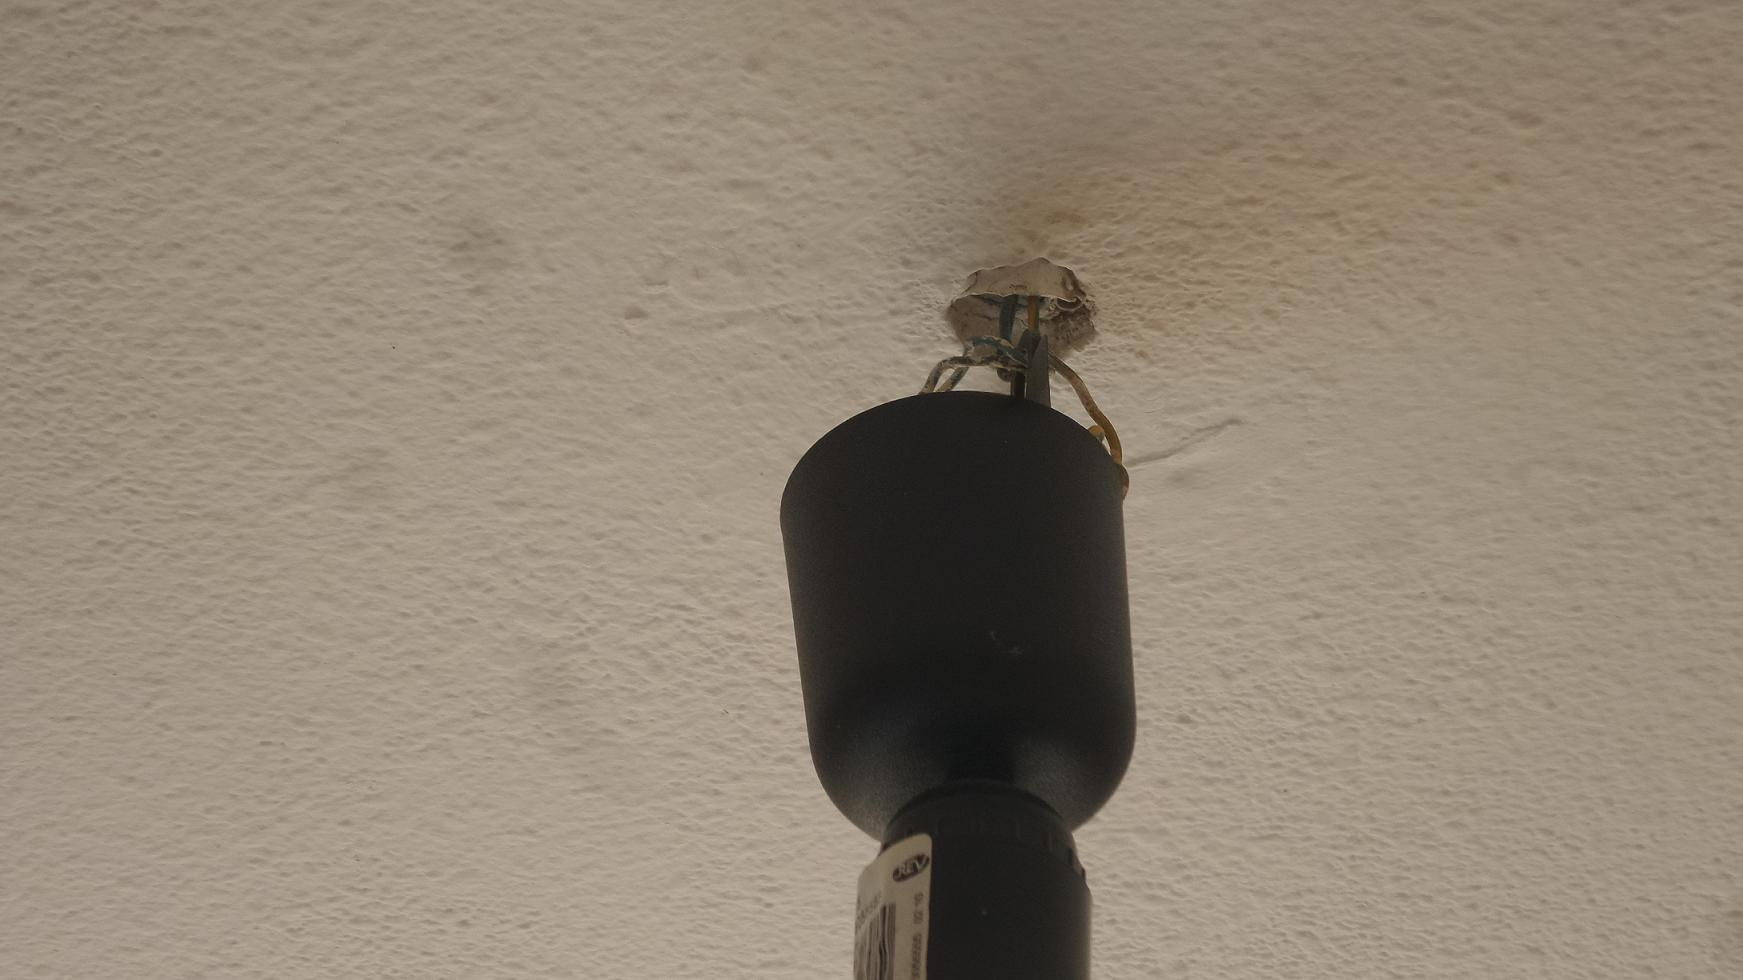 wie befestigt man die abddeckung von einem lampenkabel haus haushalt strom. Black Bedroom Furniture Sets. Home Design Ideas